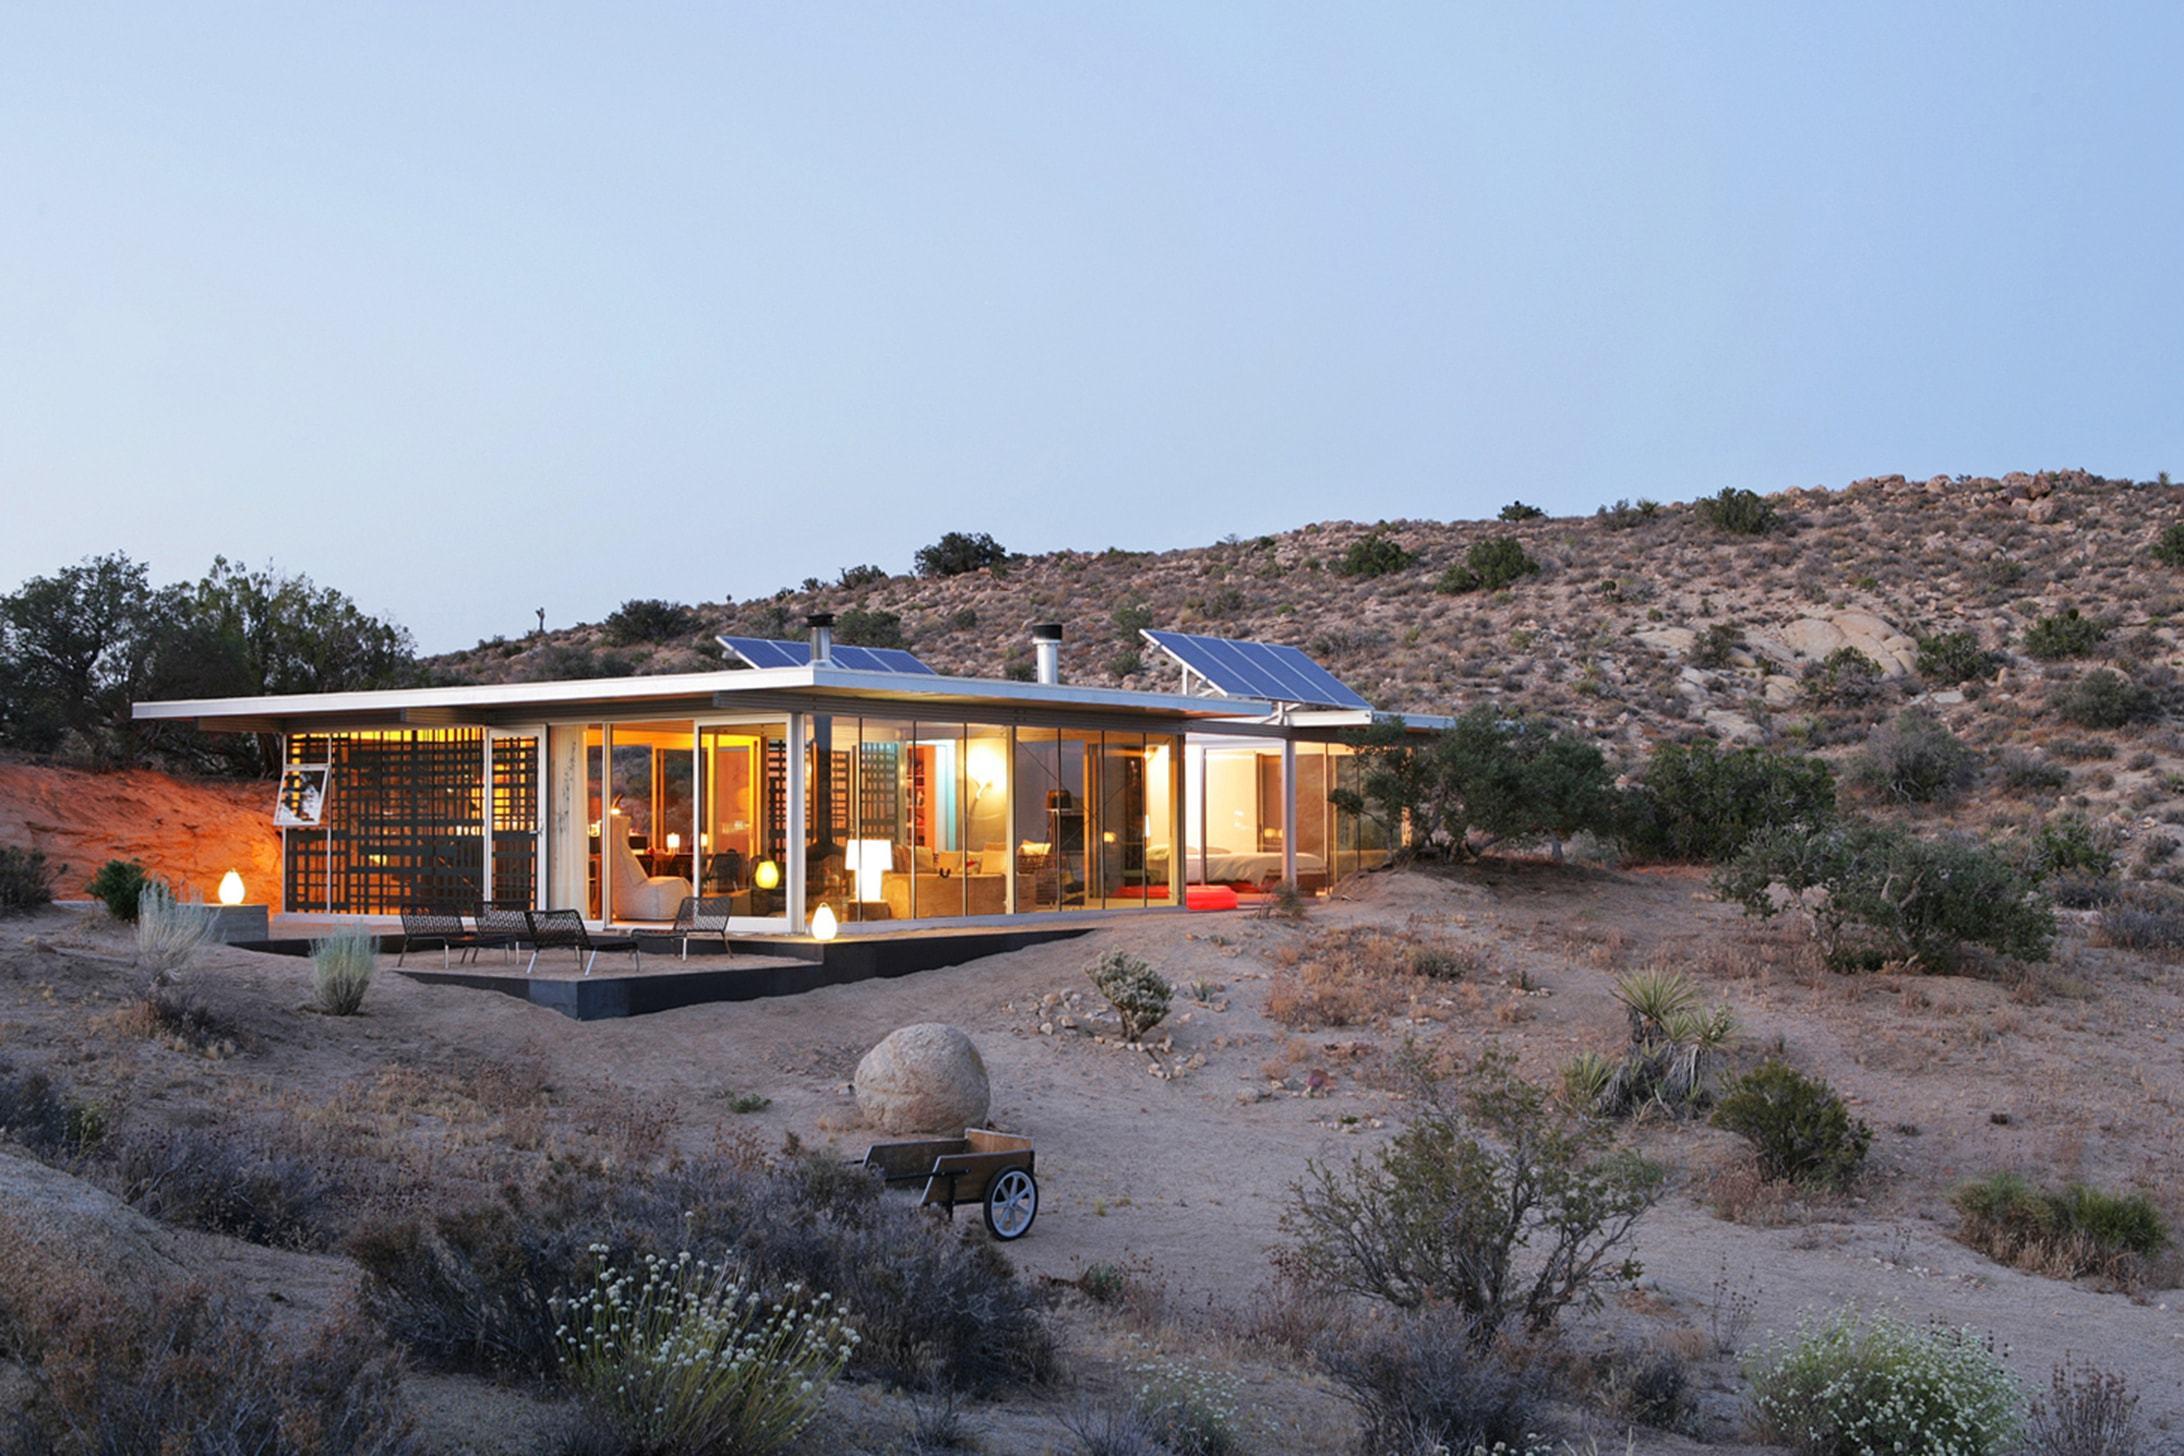 8-off-grid-it-house-min.jpg